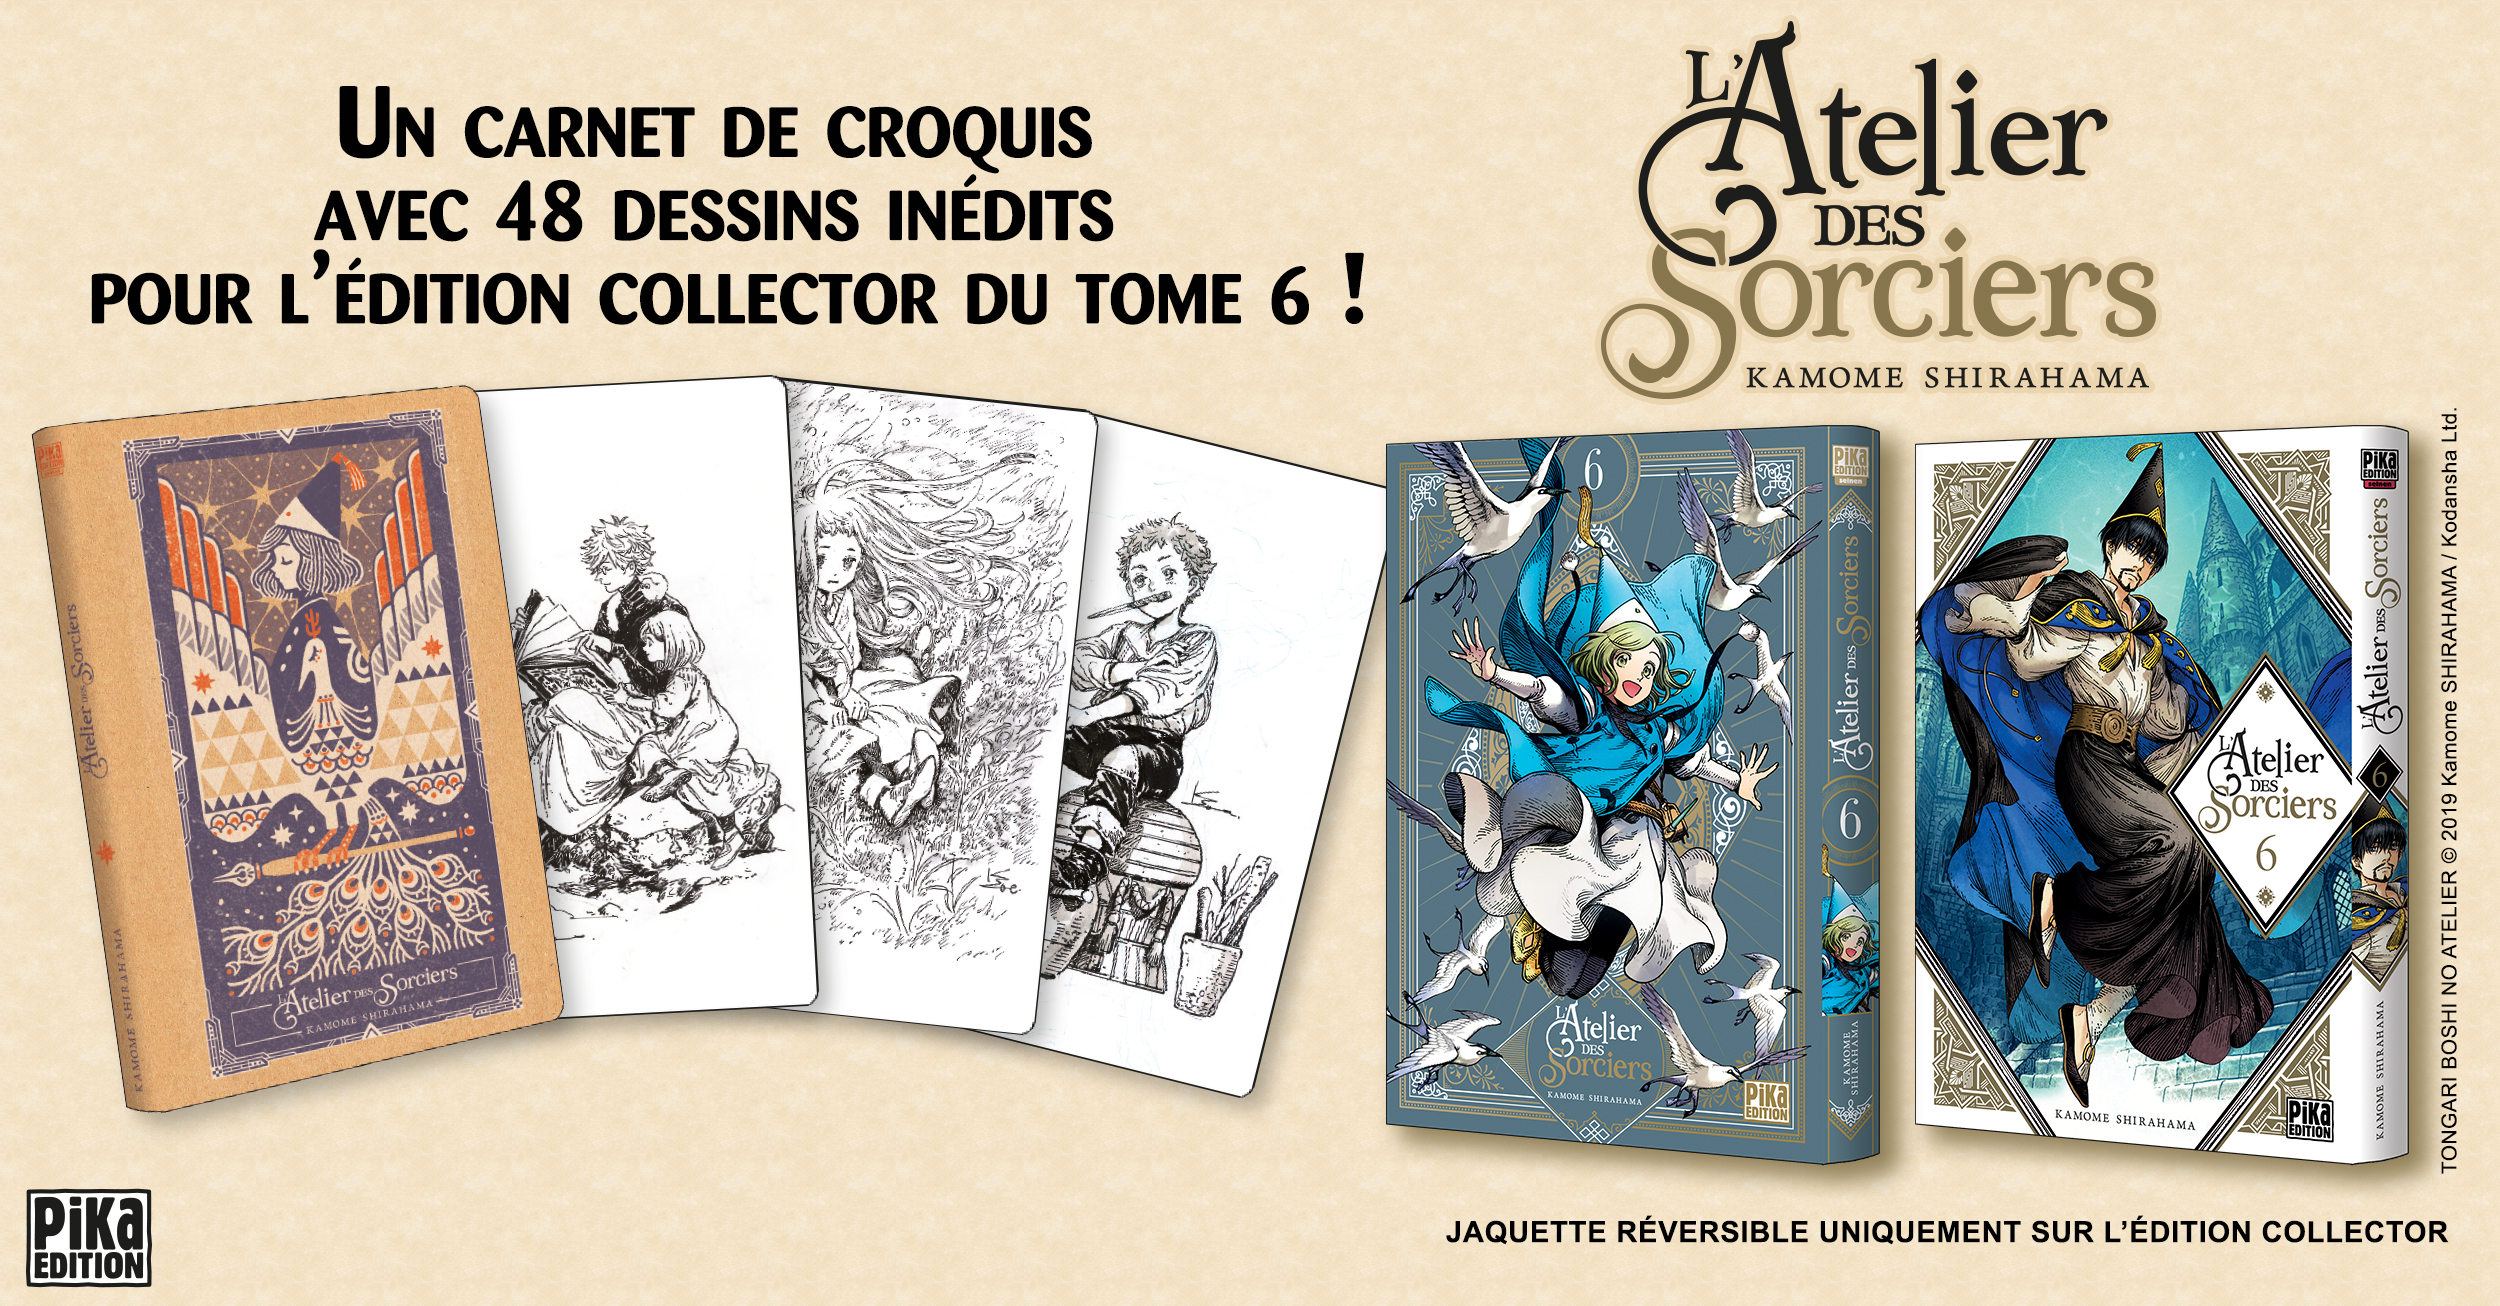 L'atelier des sorciers t. 6 (édition collector)